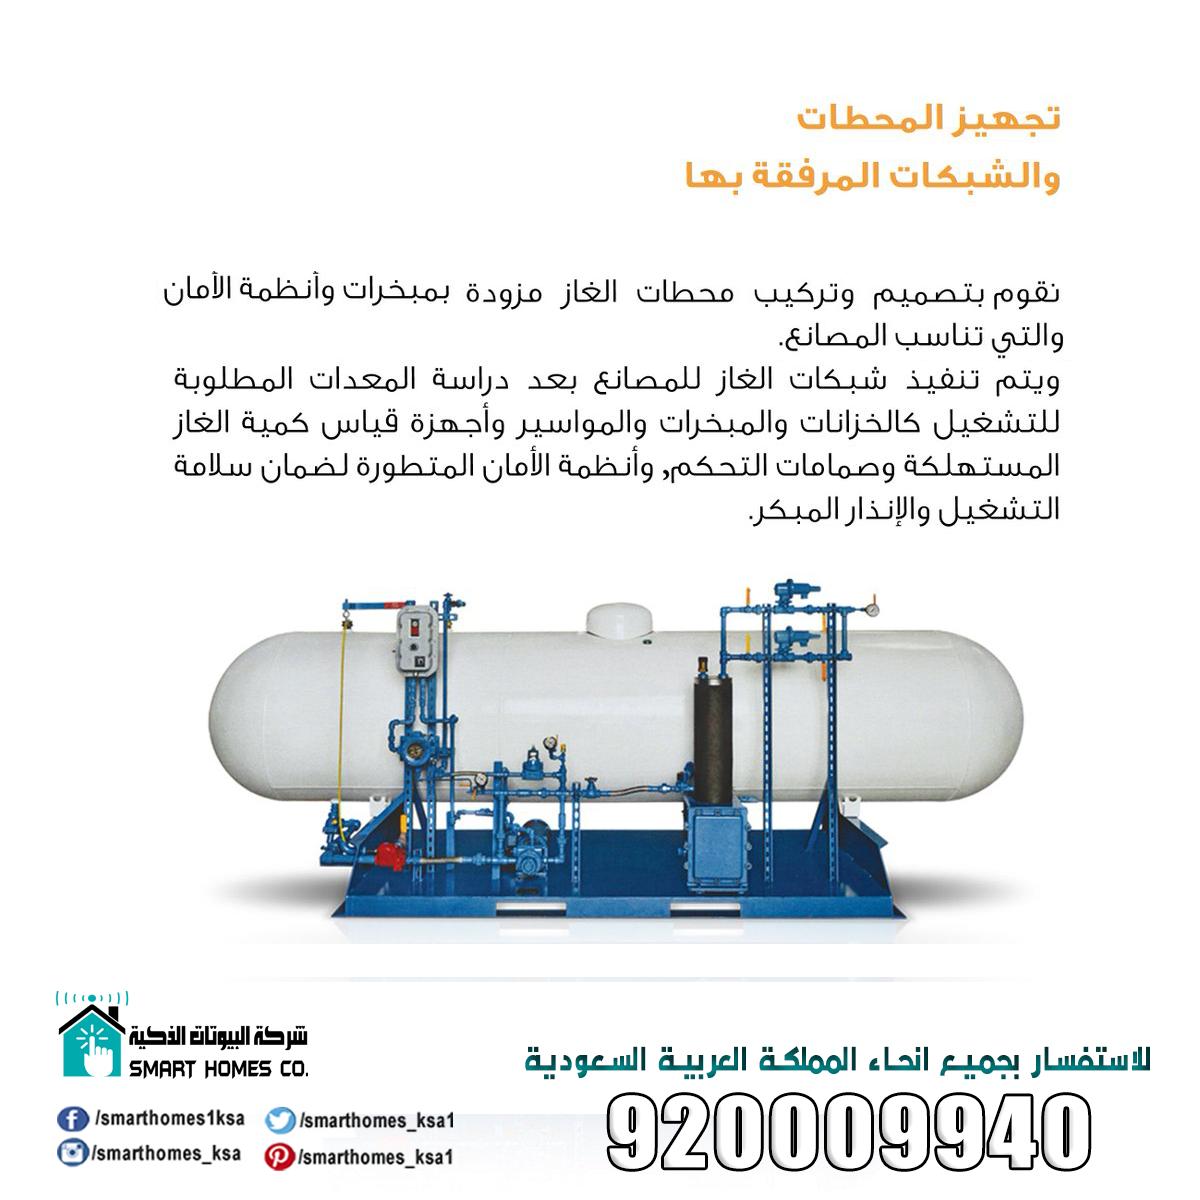 نحن نعمل على تمديد شبكات الغاز المركزي للمباني والمطاعم والمصانع وتوفير جميع انظمة السلامه لخدمتكم للاستفسار اتصال على 920009940 الغاز المركزى البيو Lol